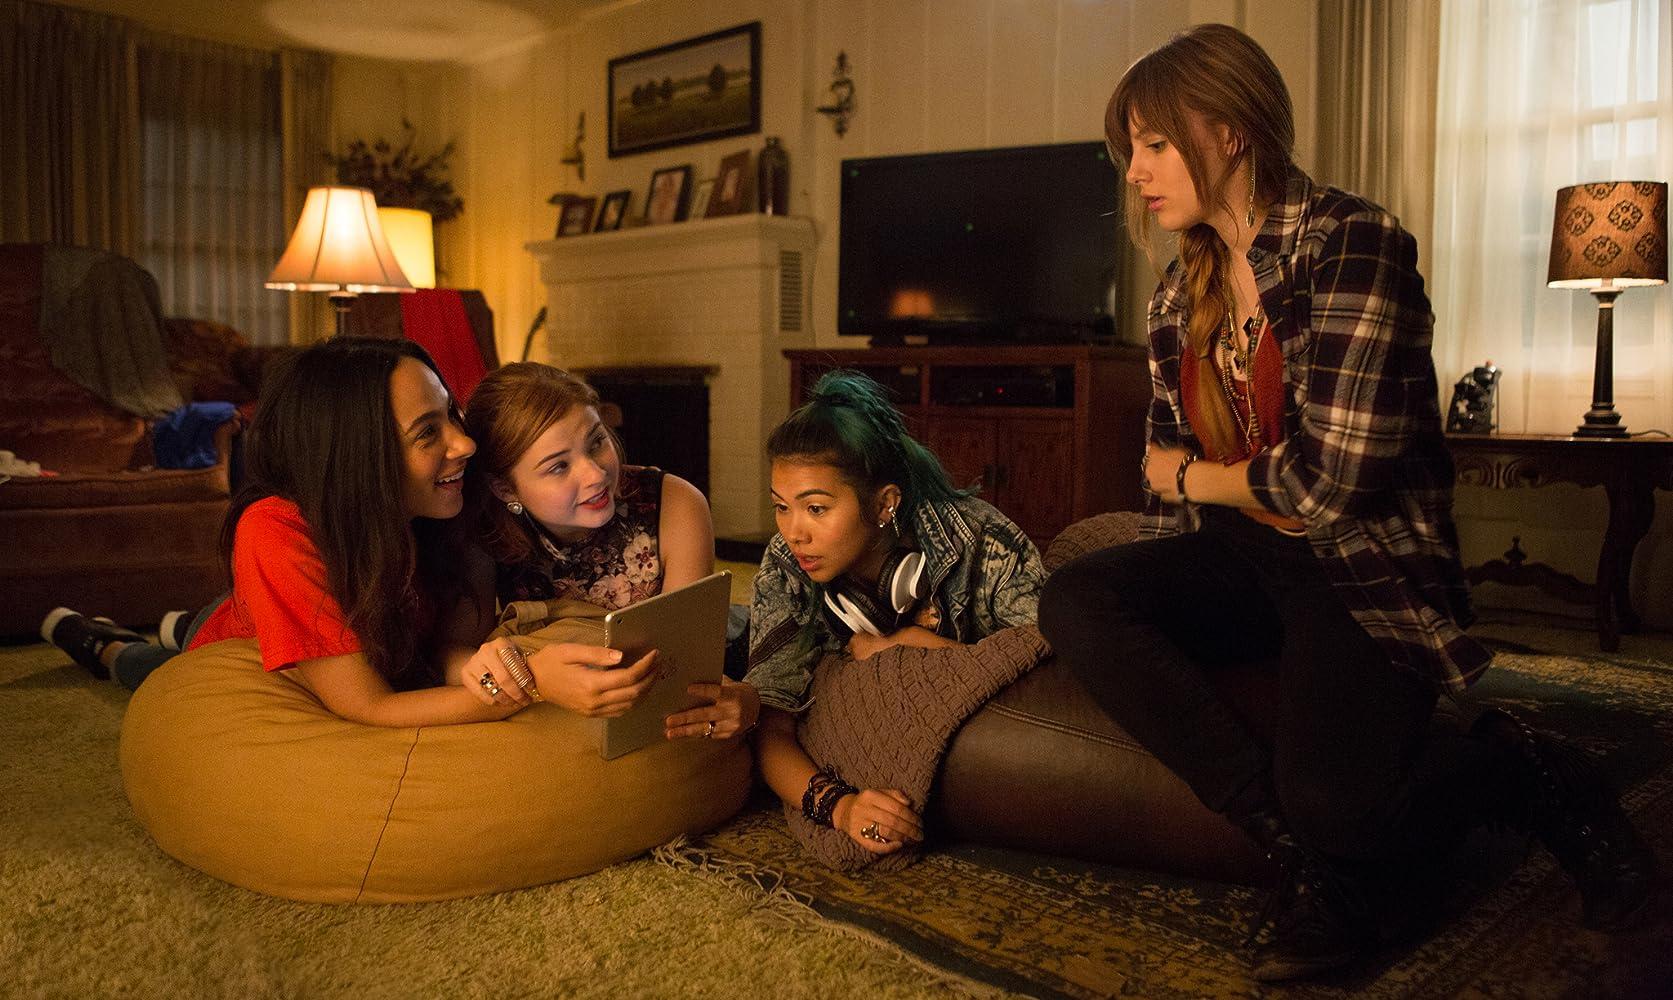 Stefanie Scott, Aubrey Peeples, Hayley Kiyoko, and Aurora Perrineau in Jem and the Holograms (2015)